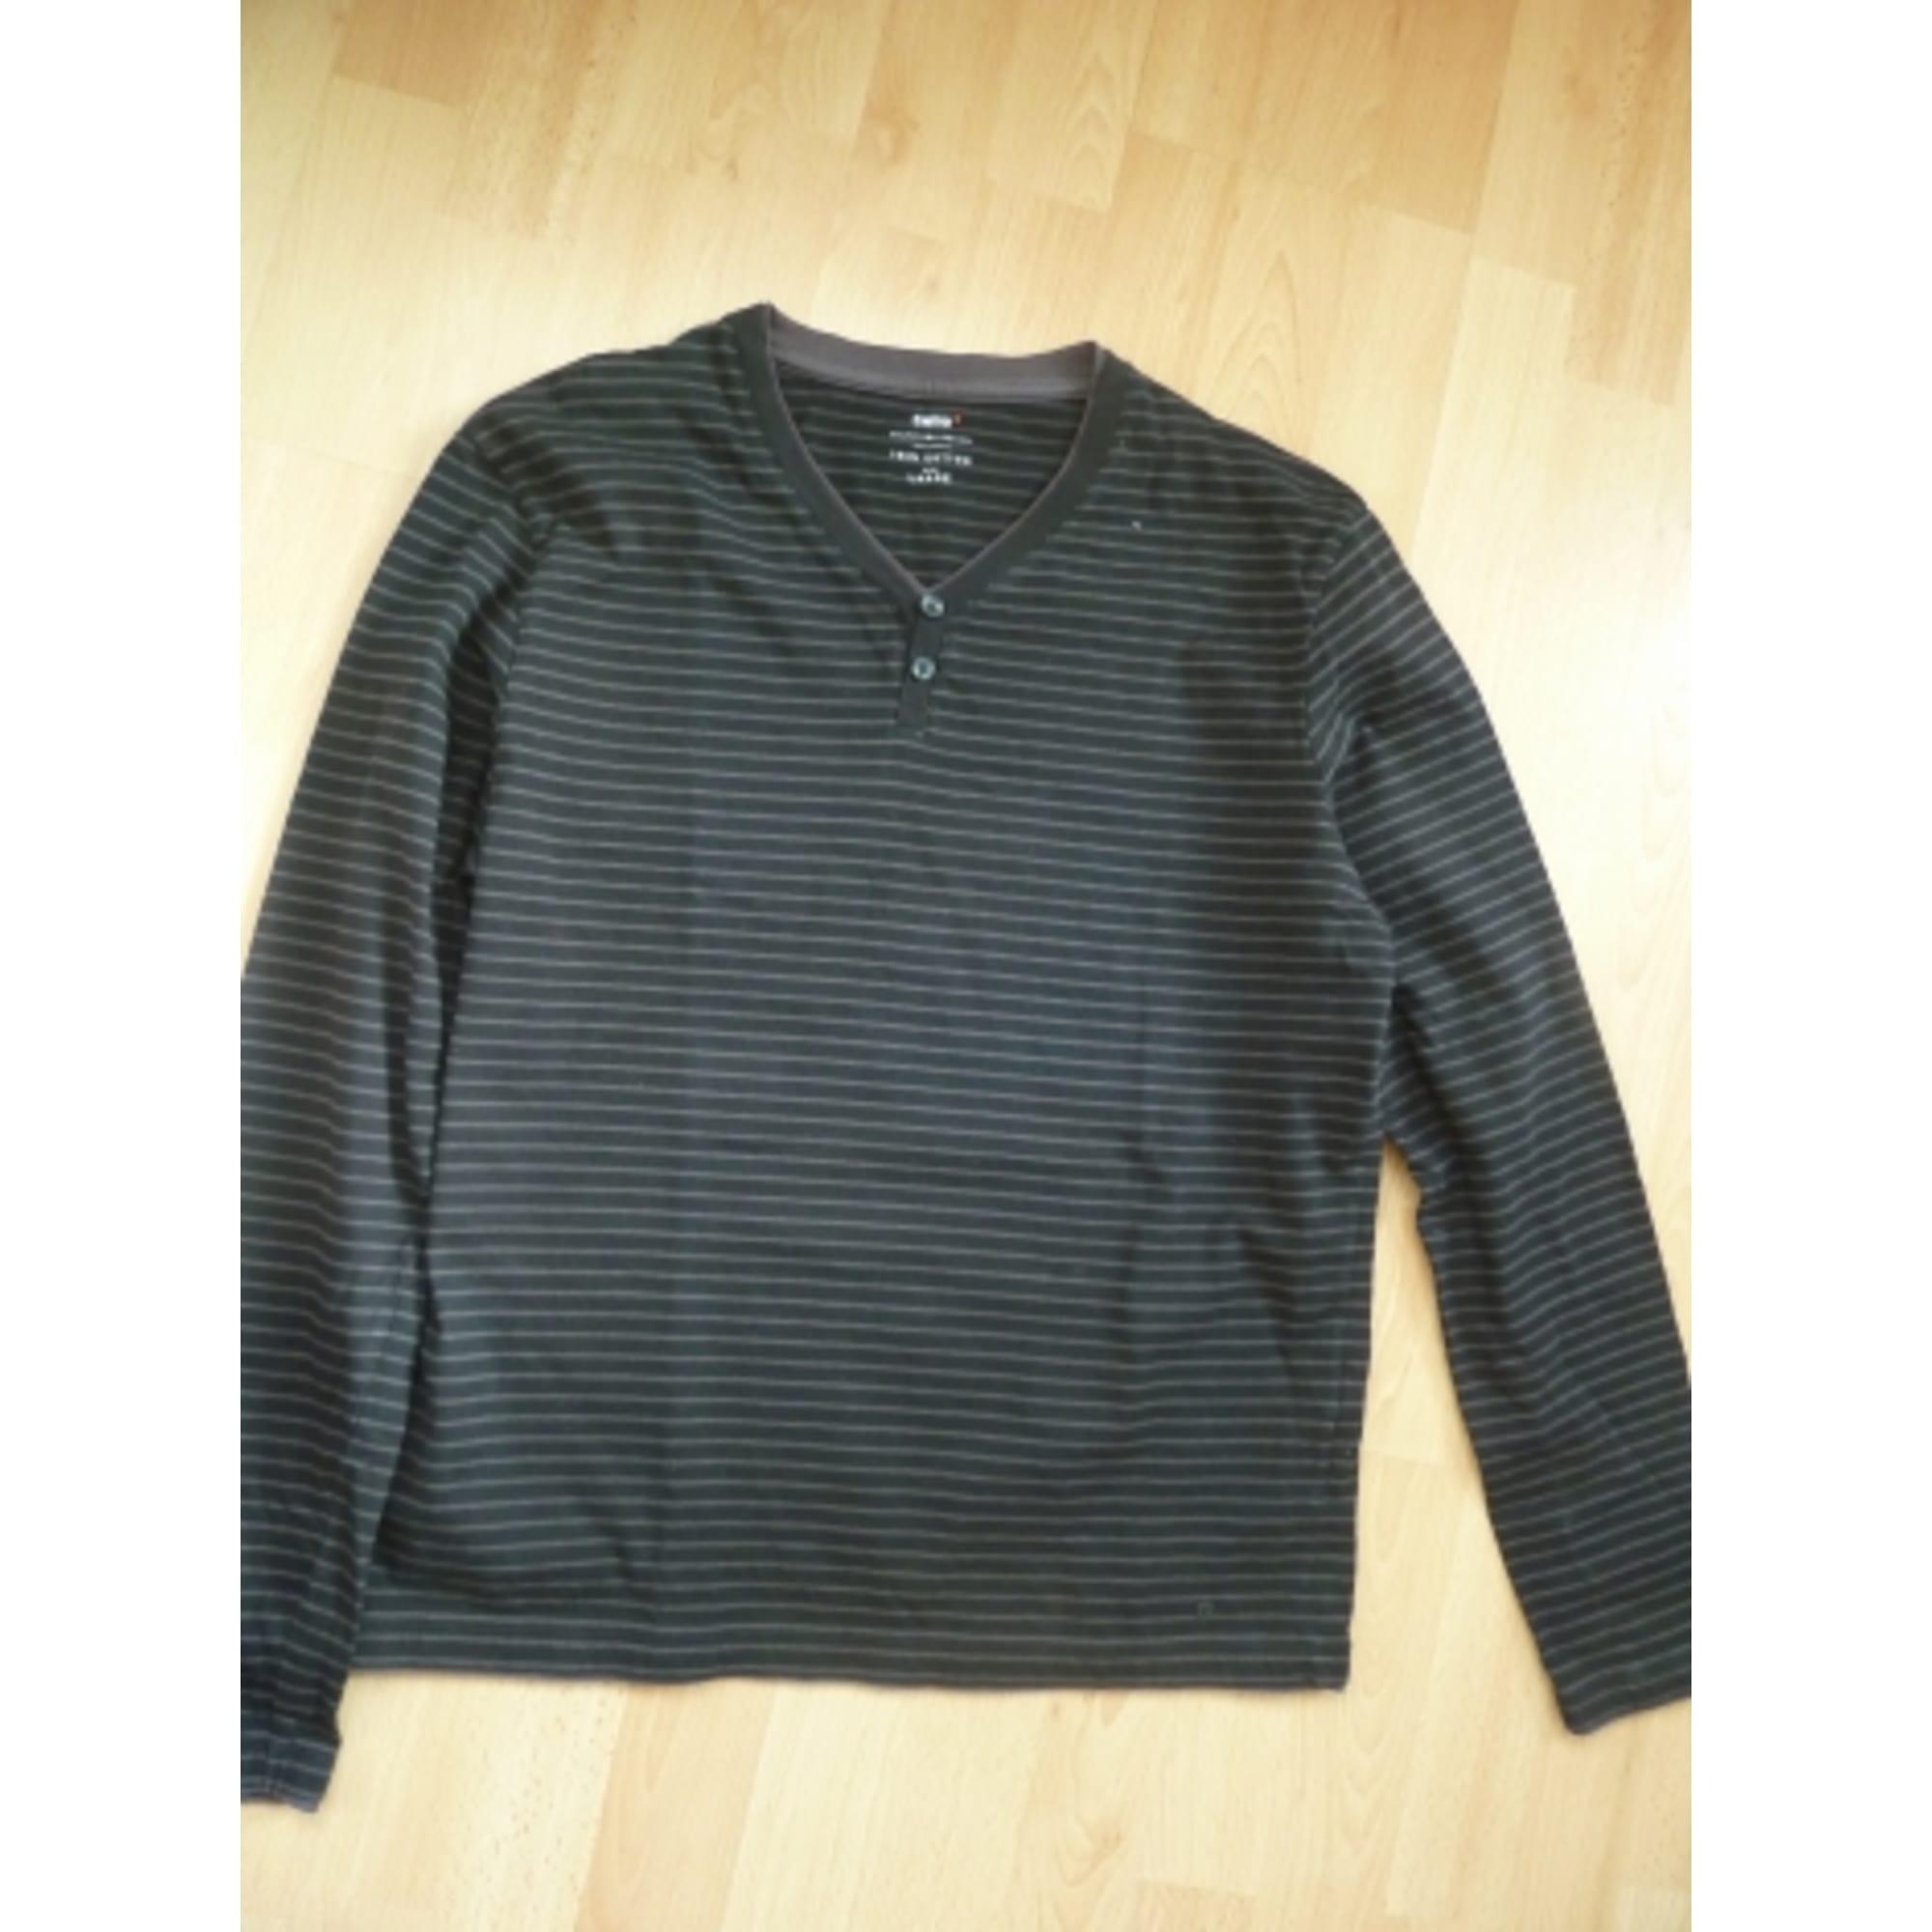 T-shirt CELIO Black